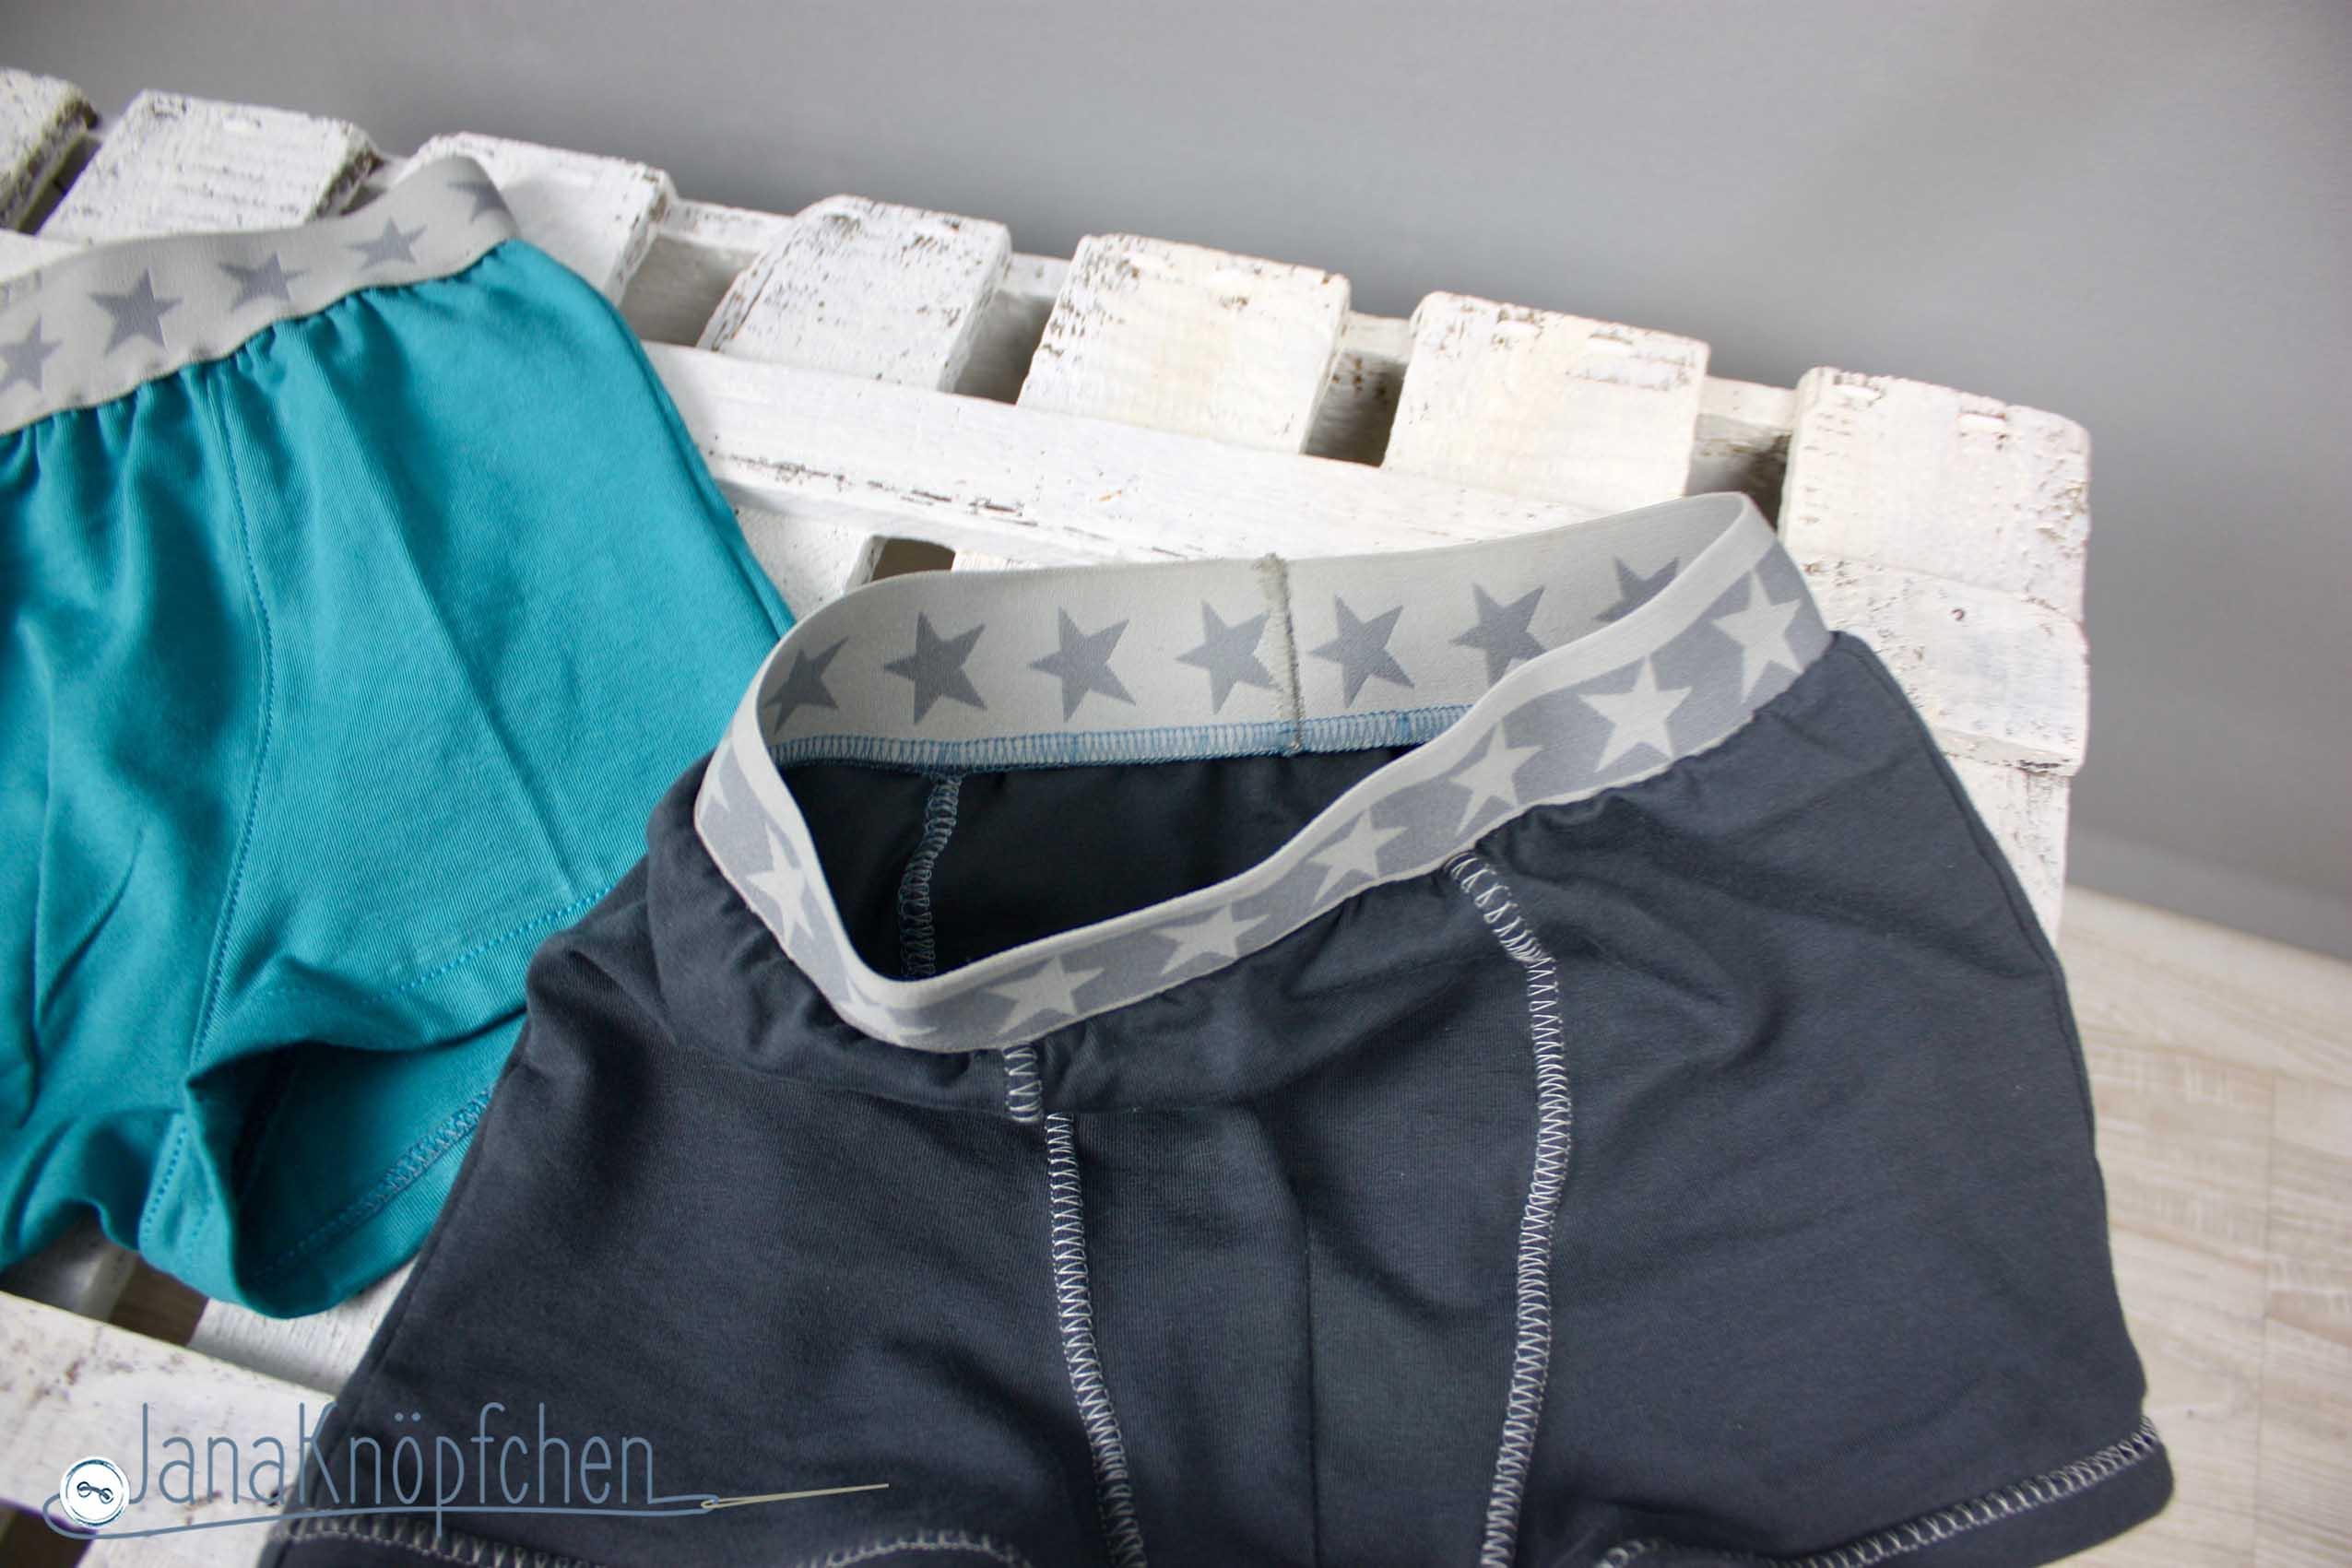 neues n hprojekt und stoffabbau boxershorts n hen f r jungs. Black Bedroom Furniture Sets. Home Design Ideas